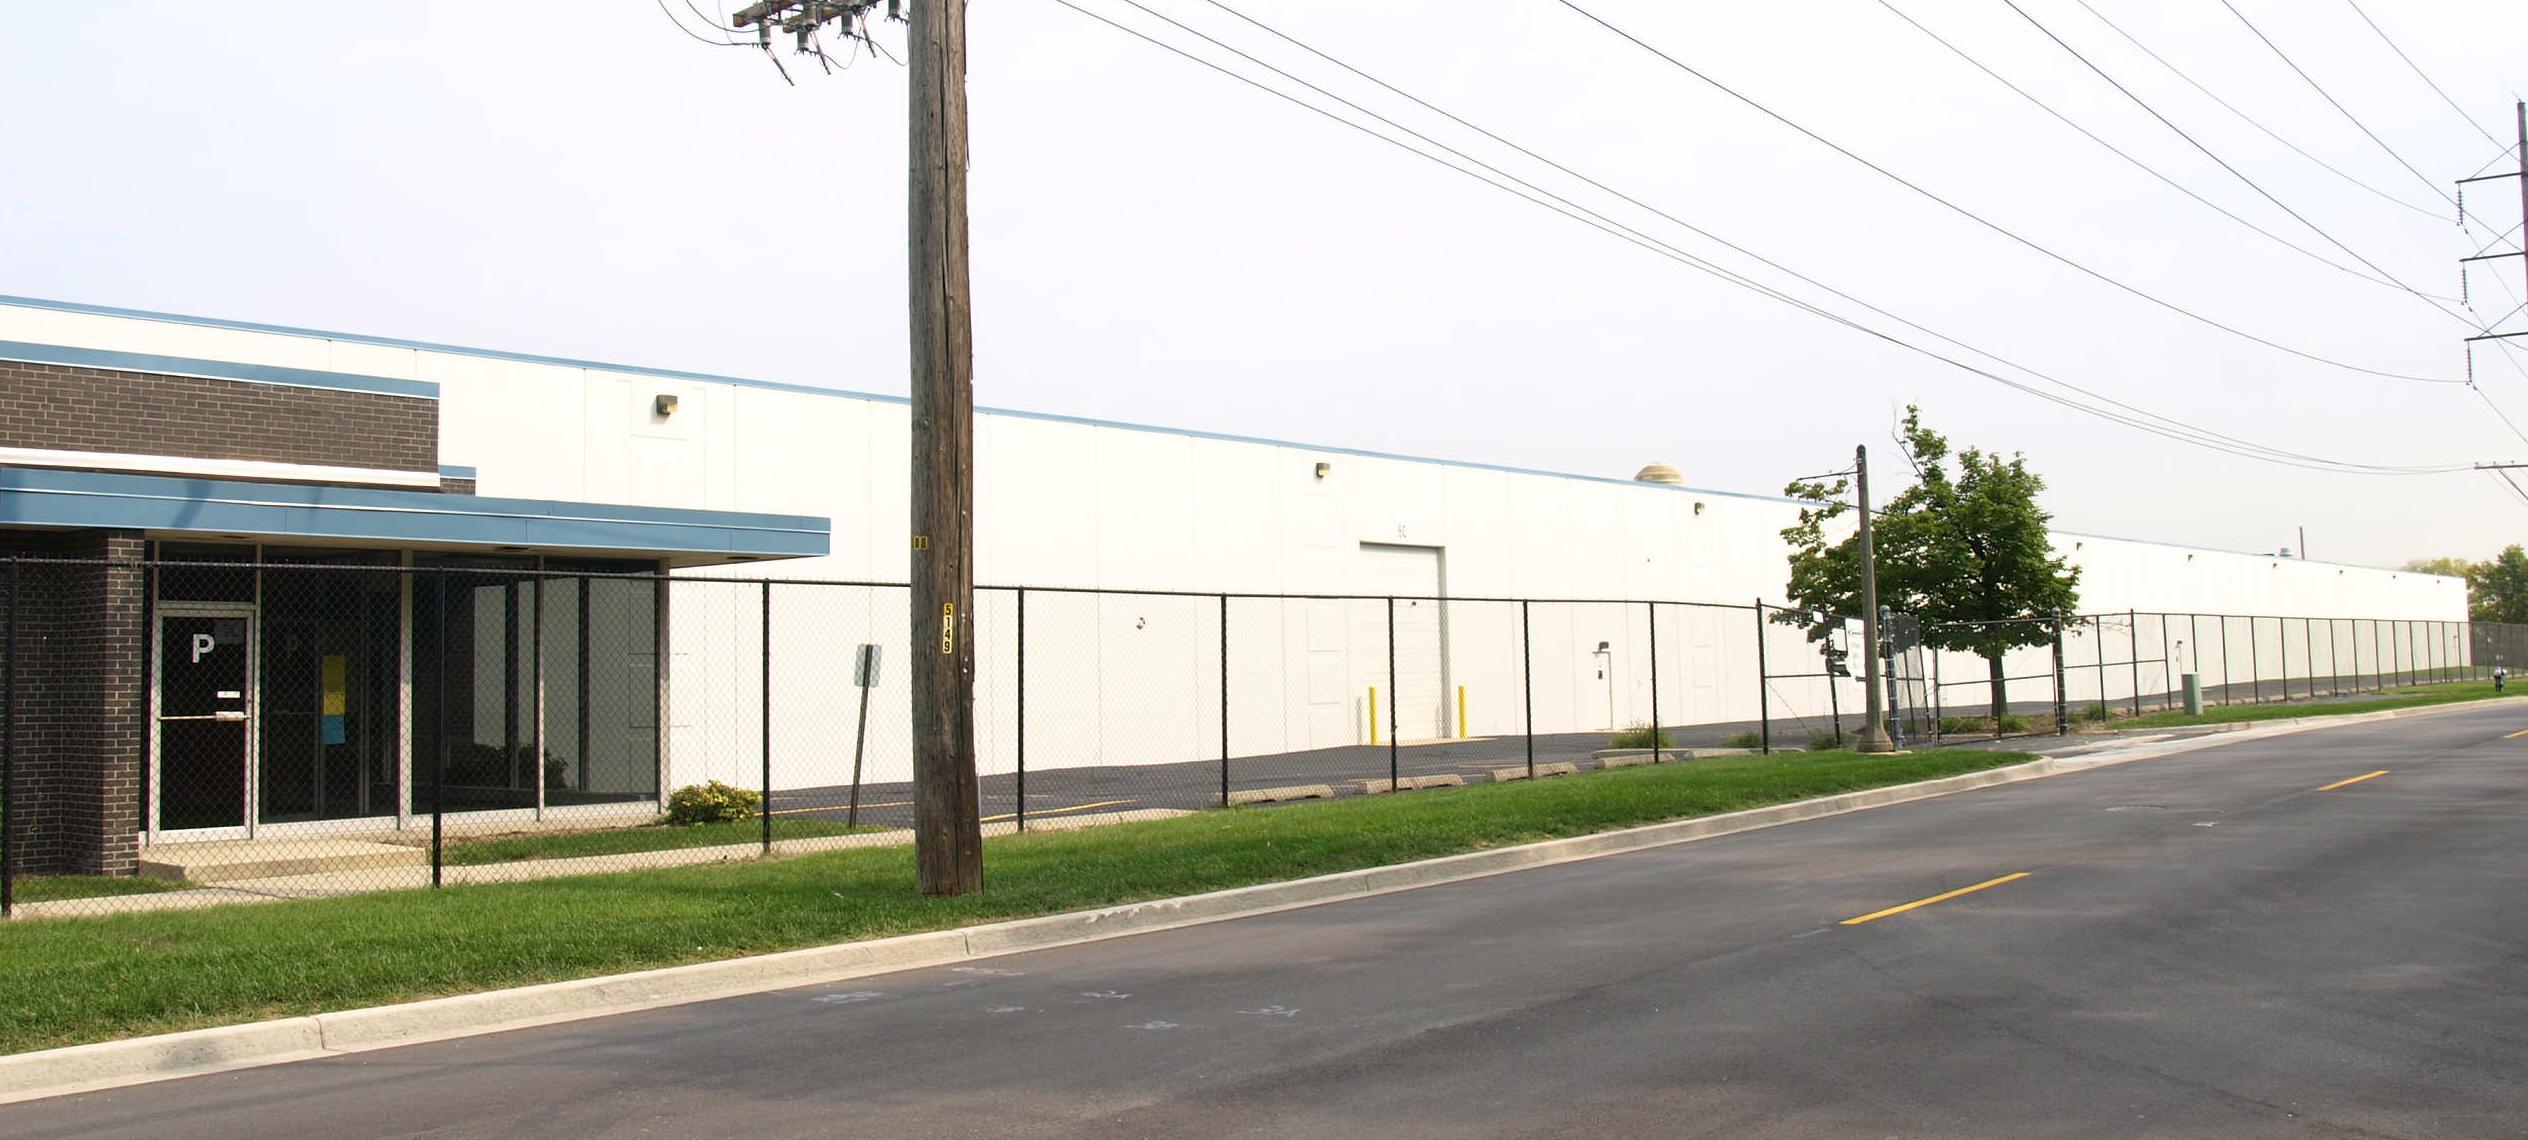 West Belmont Avenue 10800 Franklin Park Illinois